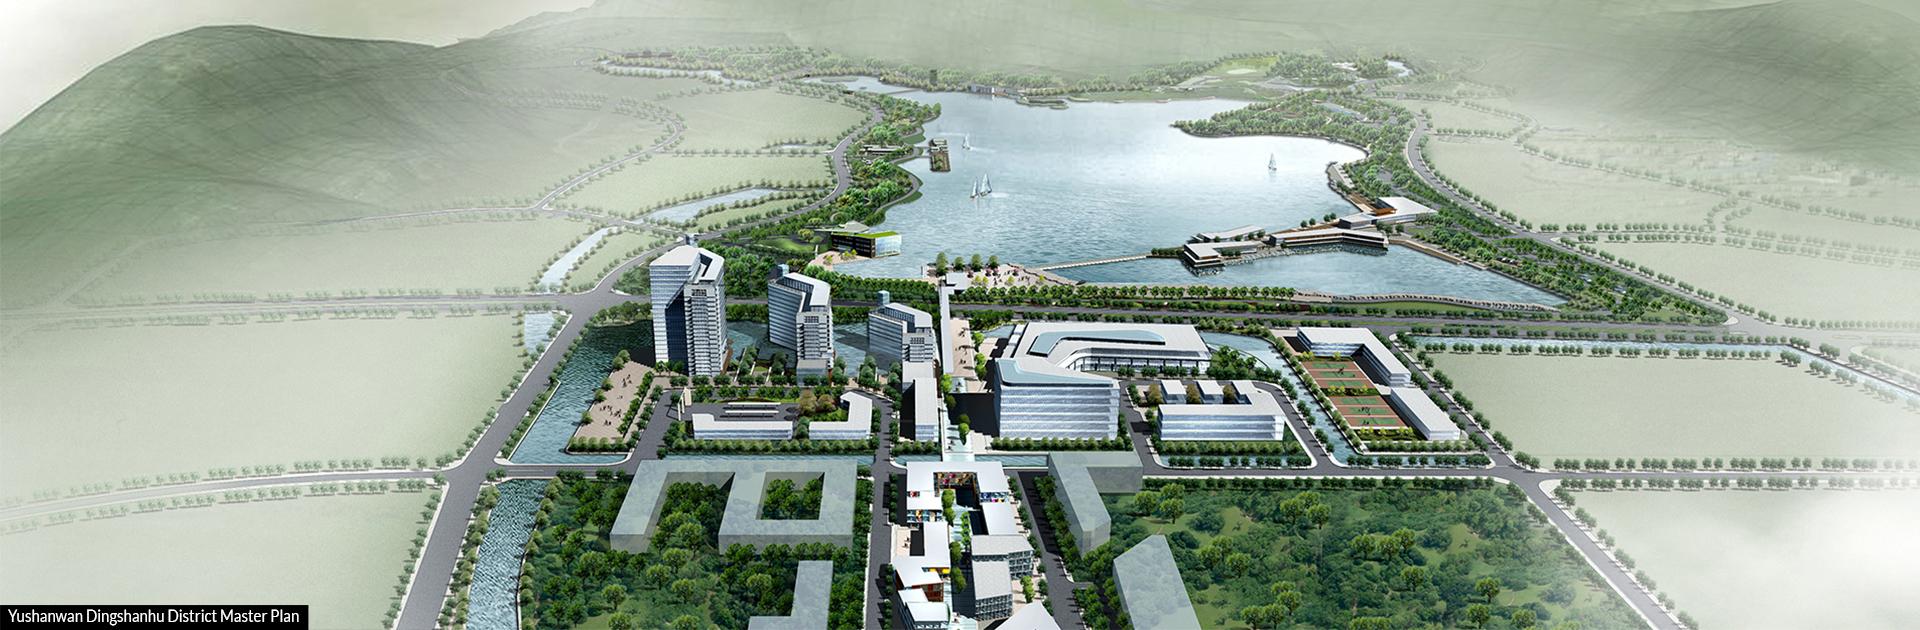 Yushanwan Dingshanhu District Master Plan